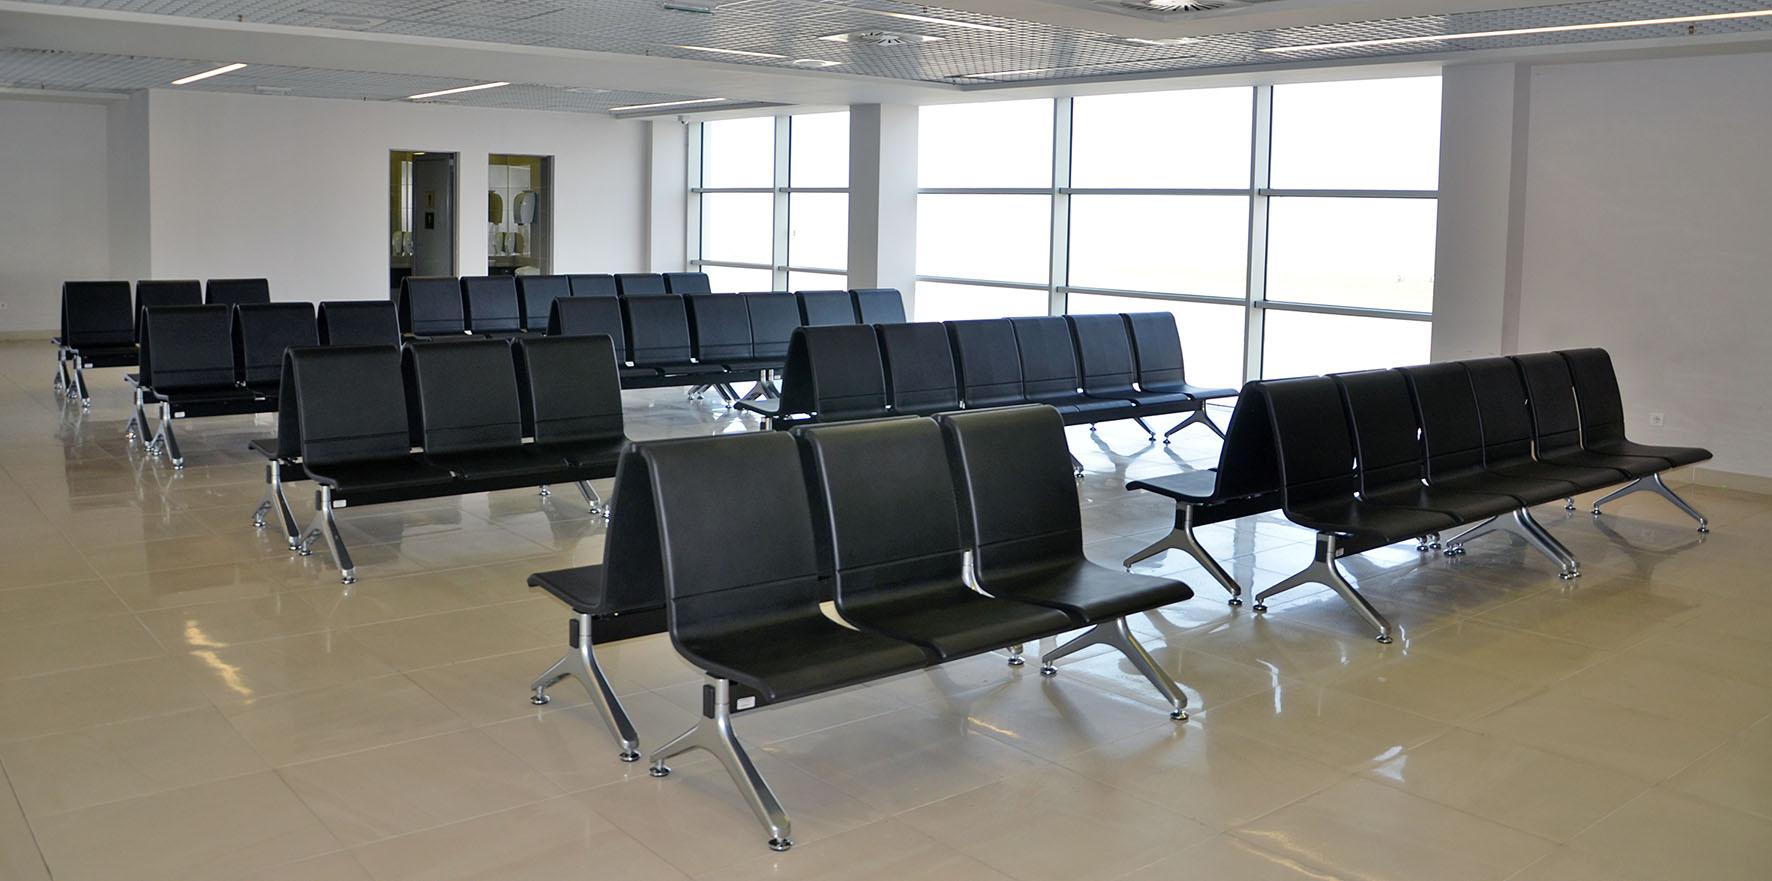 塞尔维亚 国际机场.jpg